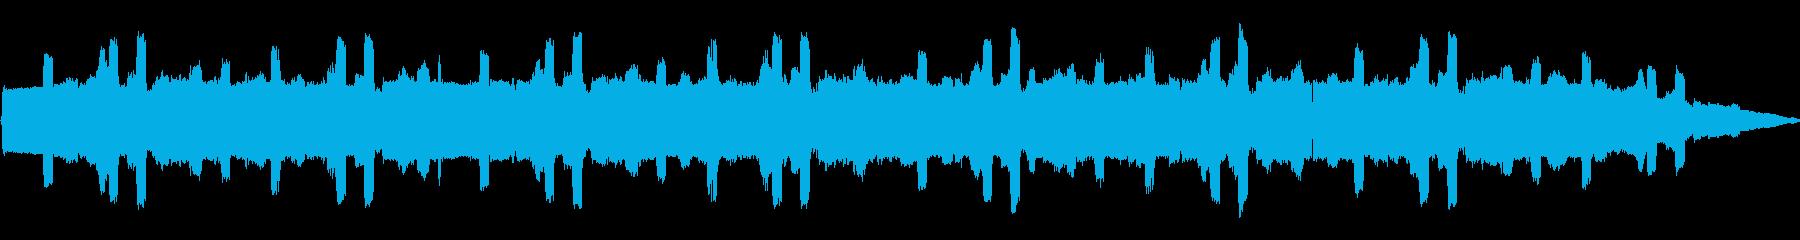 空間内アラーム; DIGIFFEC...の再生済みの波形